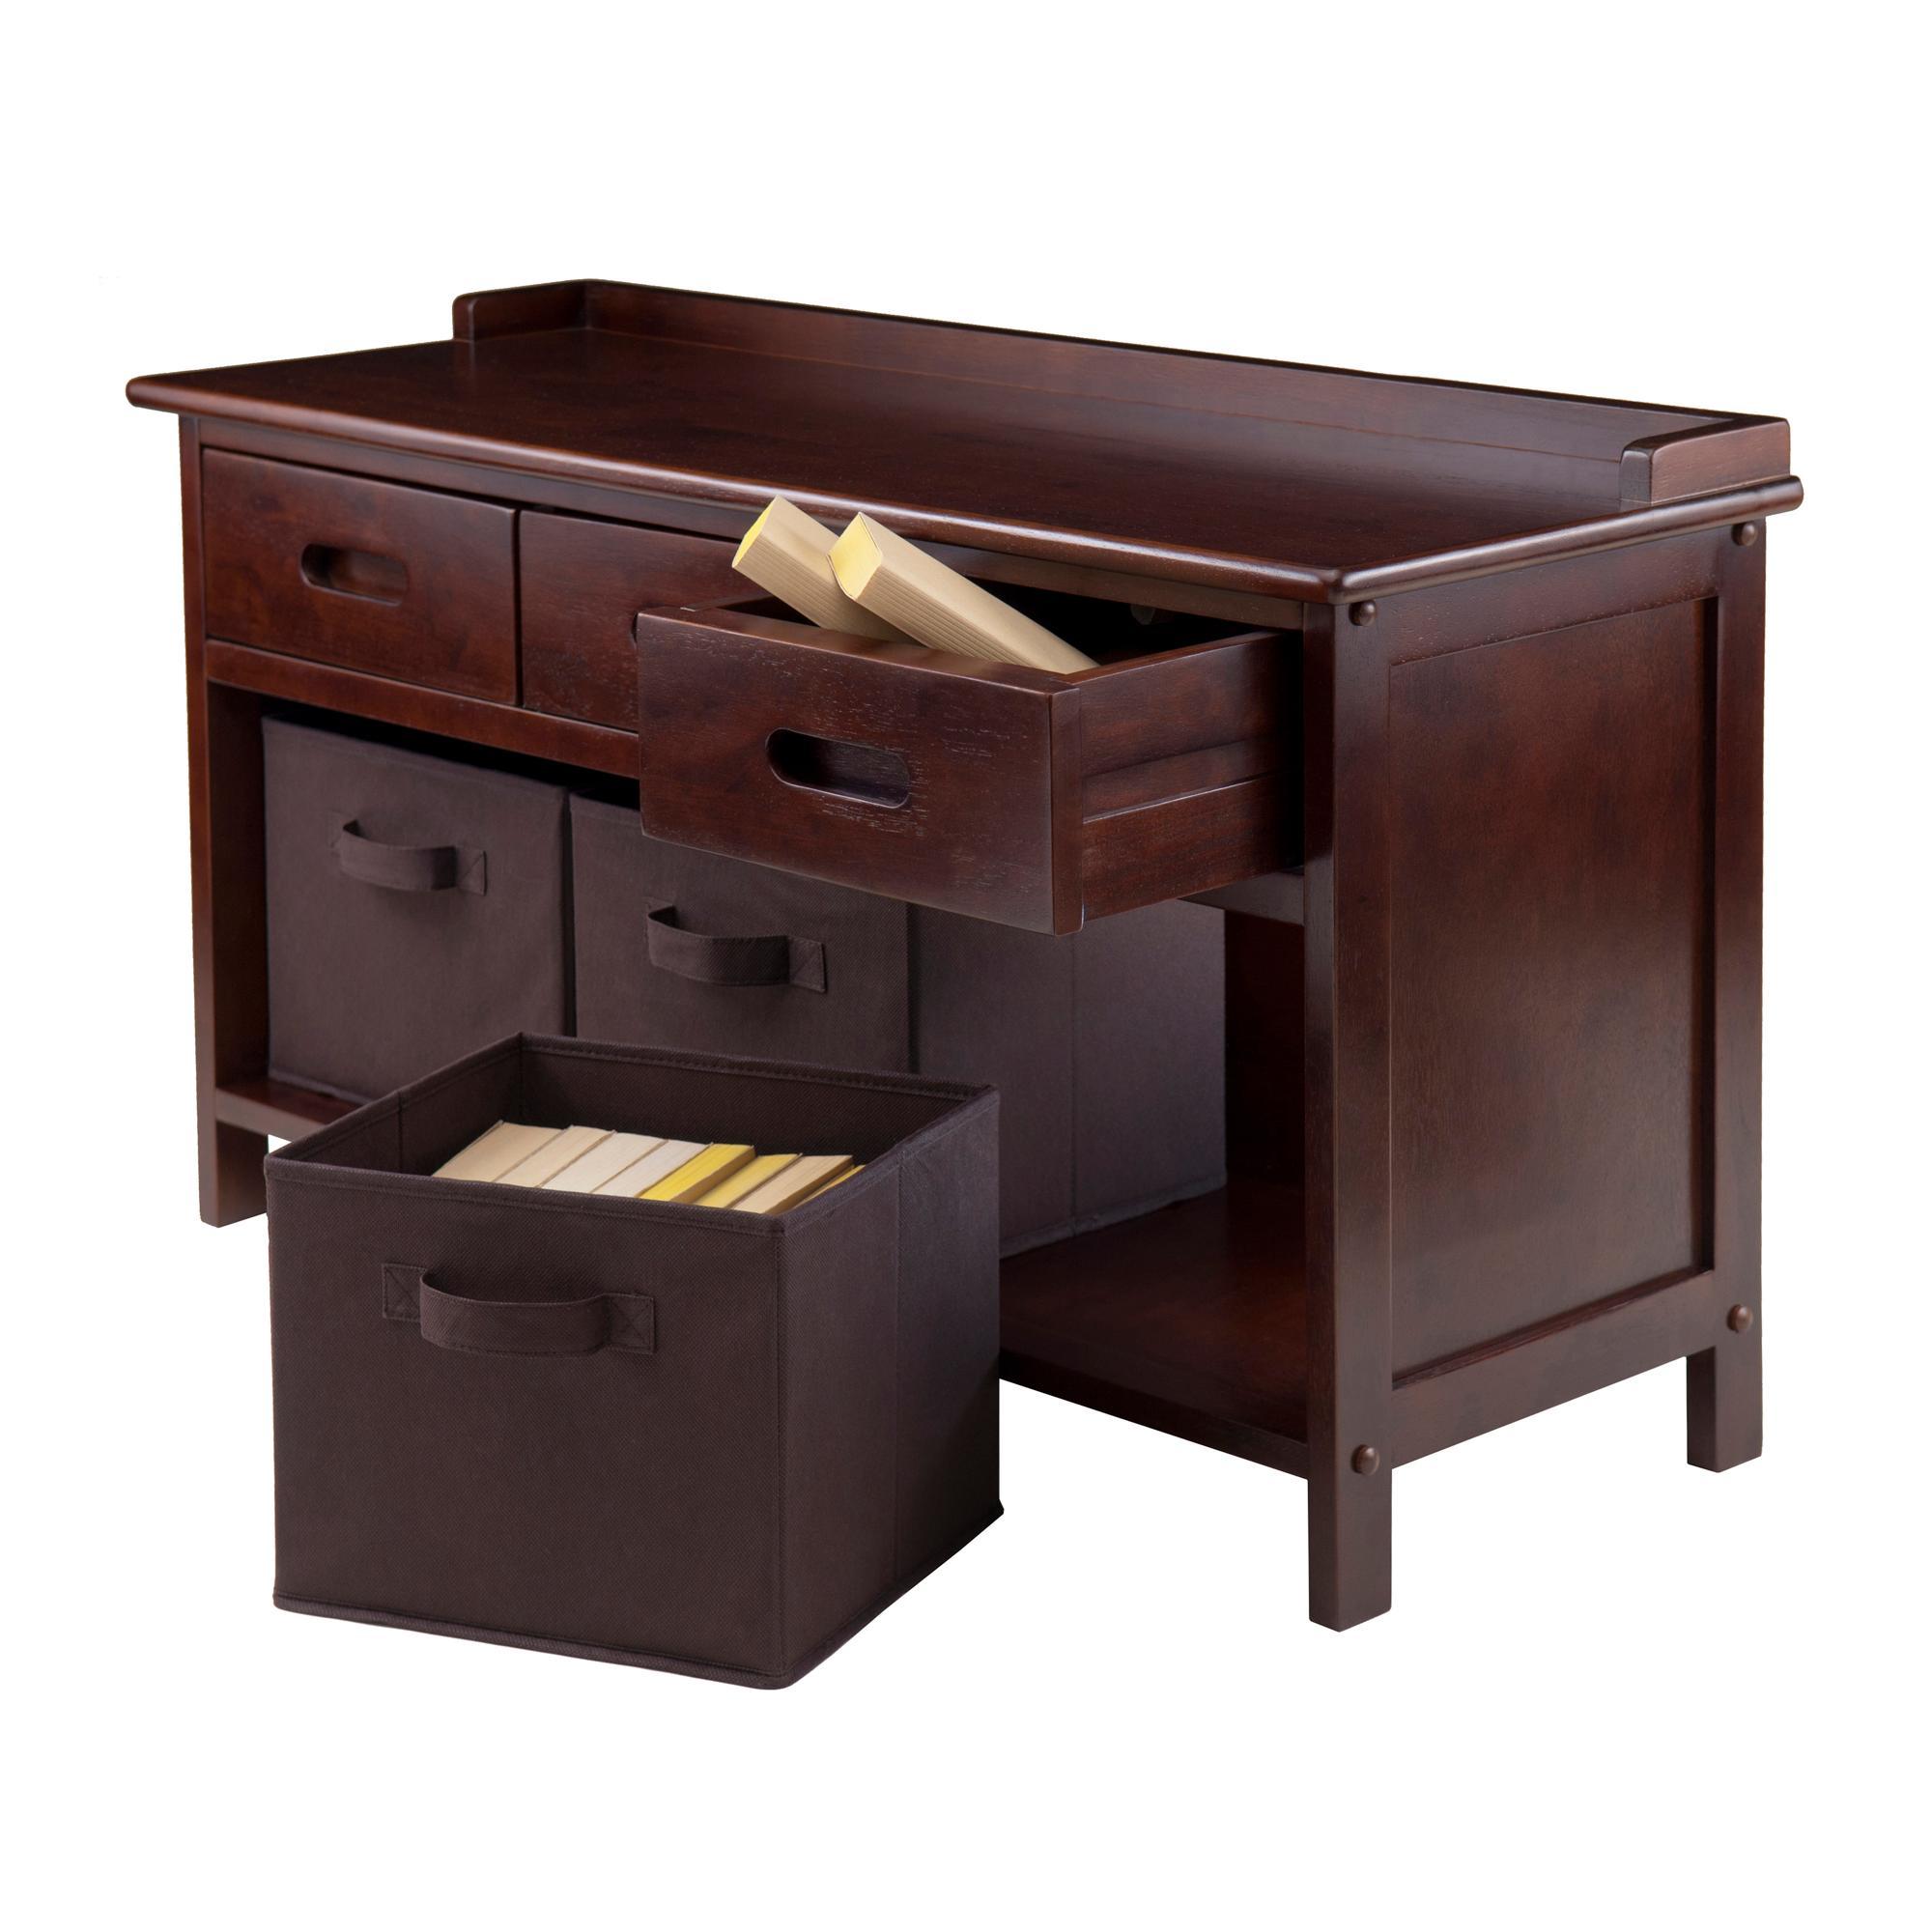 Amazon Winsome Wood Adriana 4 Piece Storage Bench Set with 3